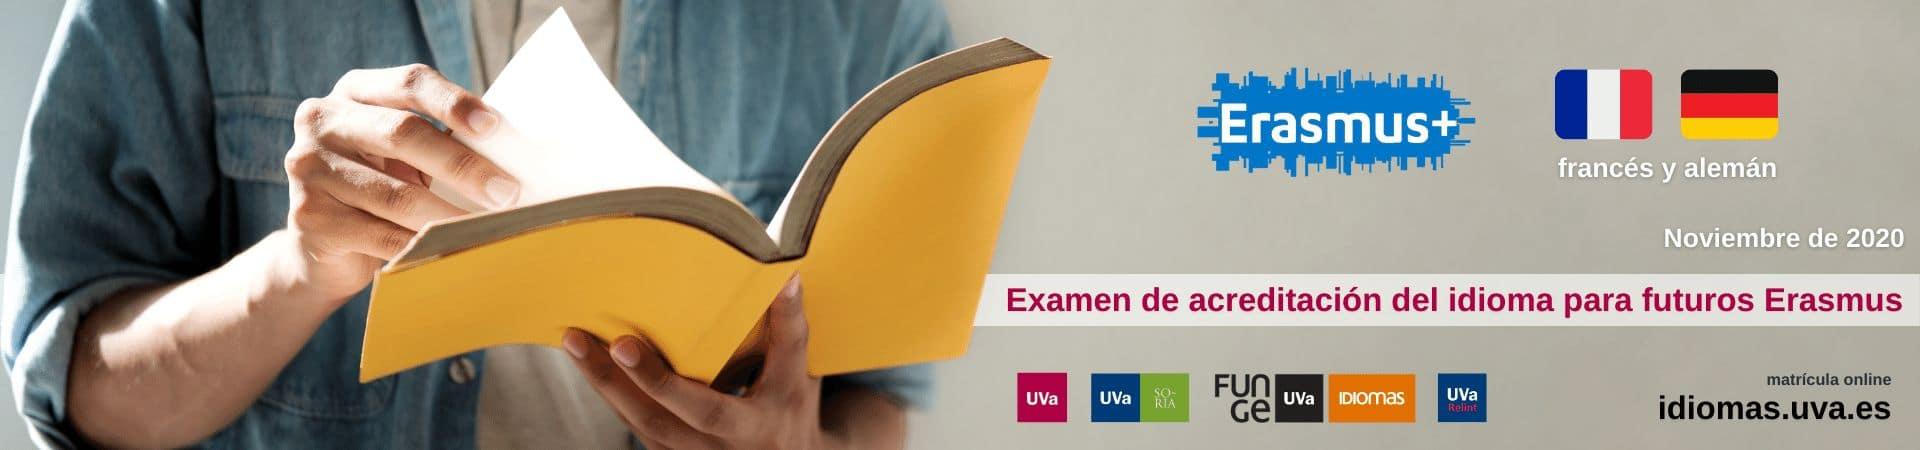 Banner - examen acreditación idioma para futuros Erasmus noviembre 2020 - Universidad de Valladolid